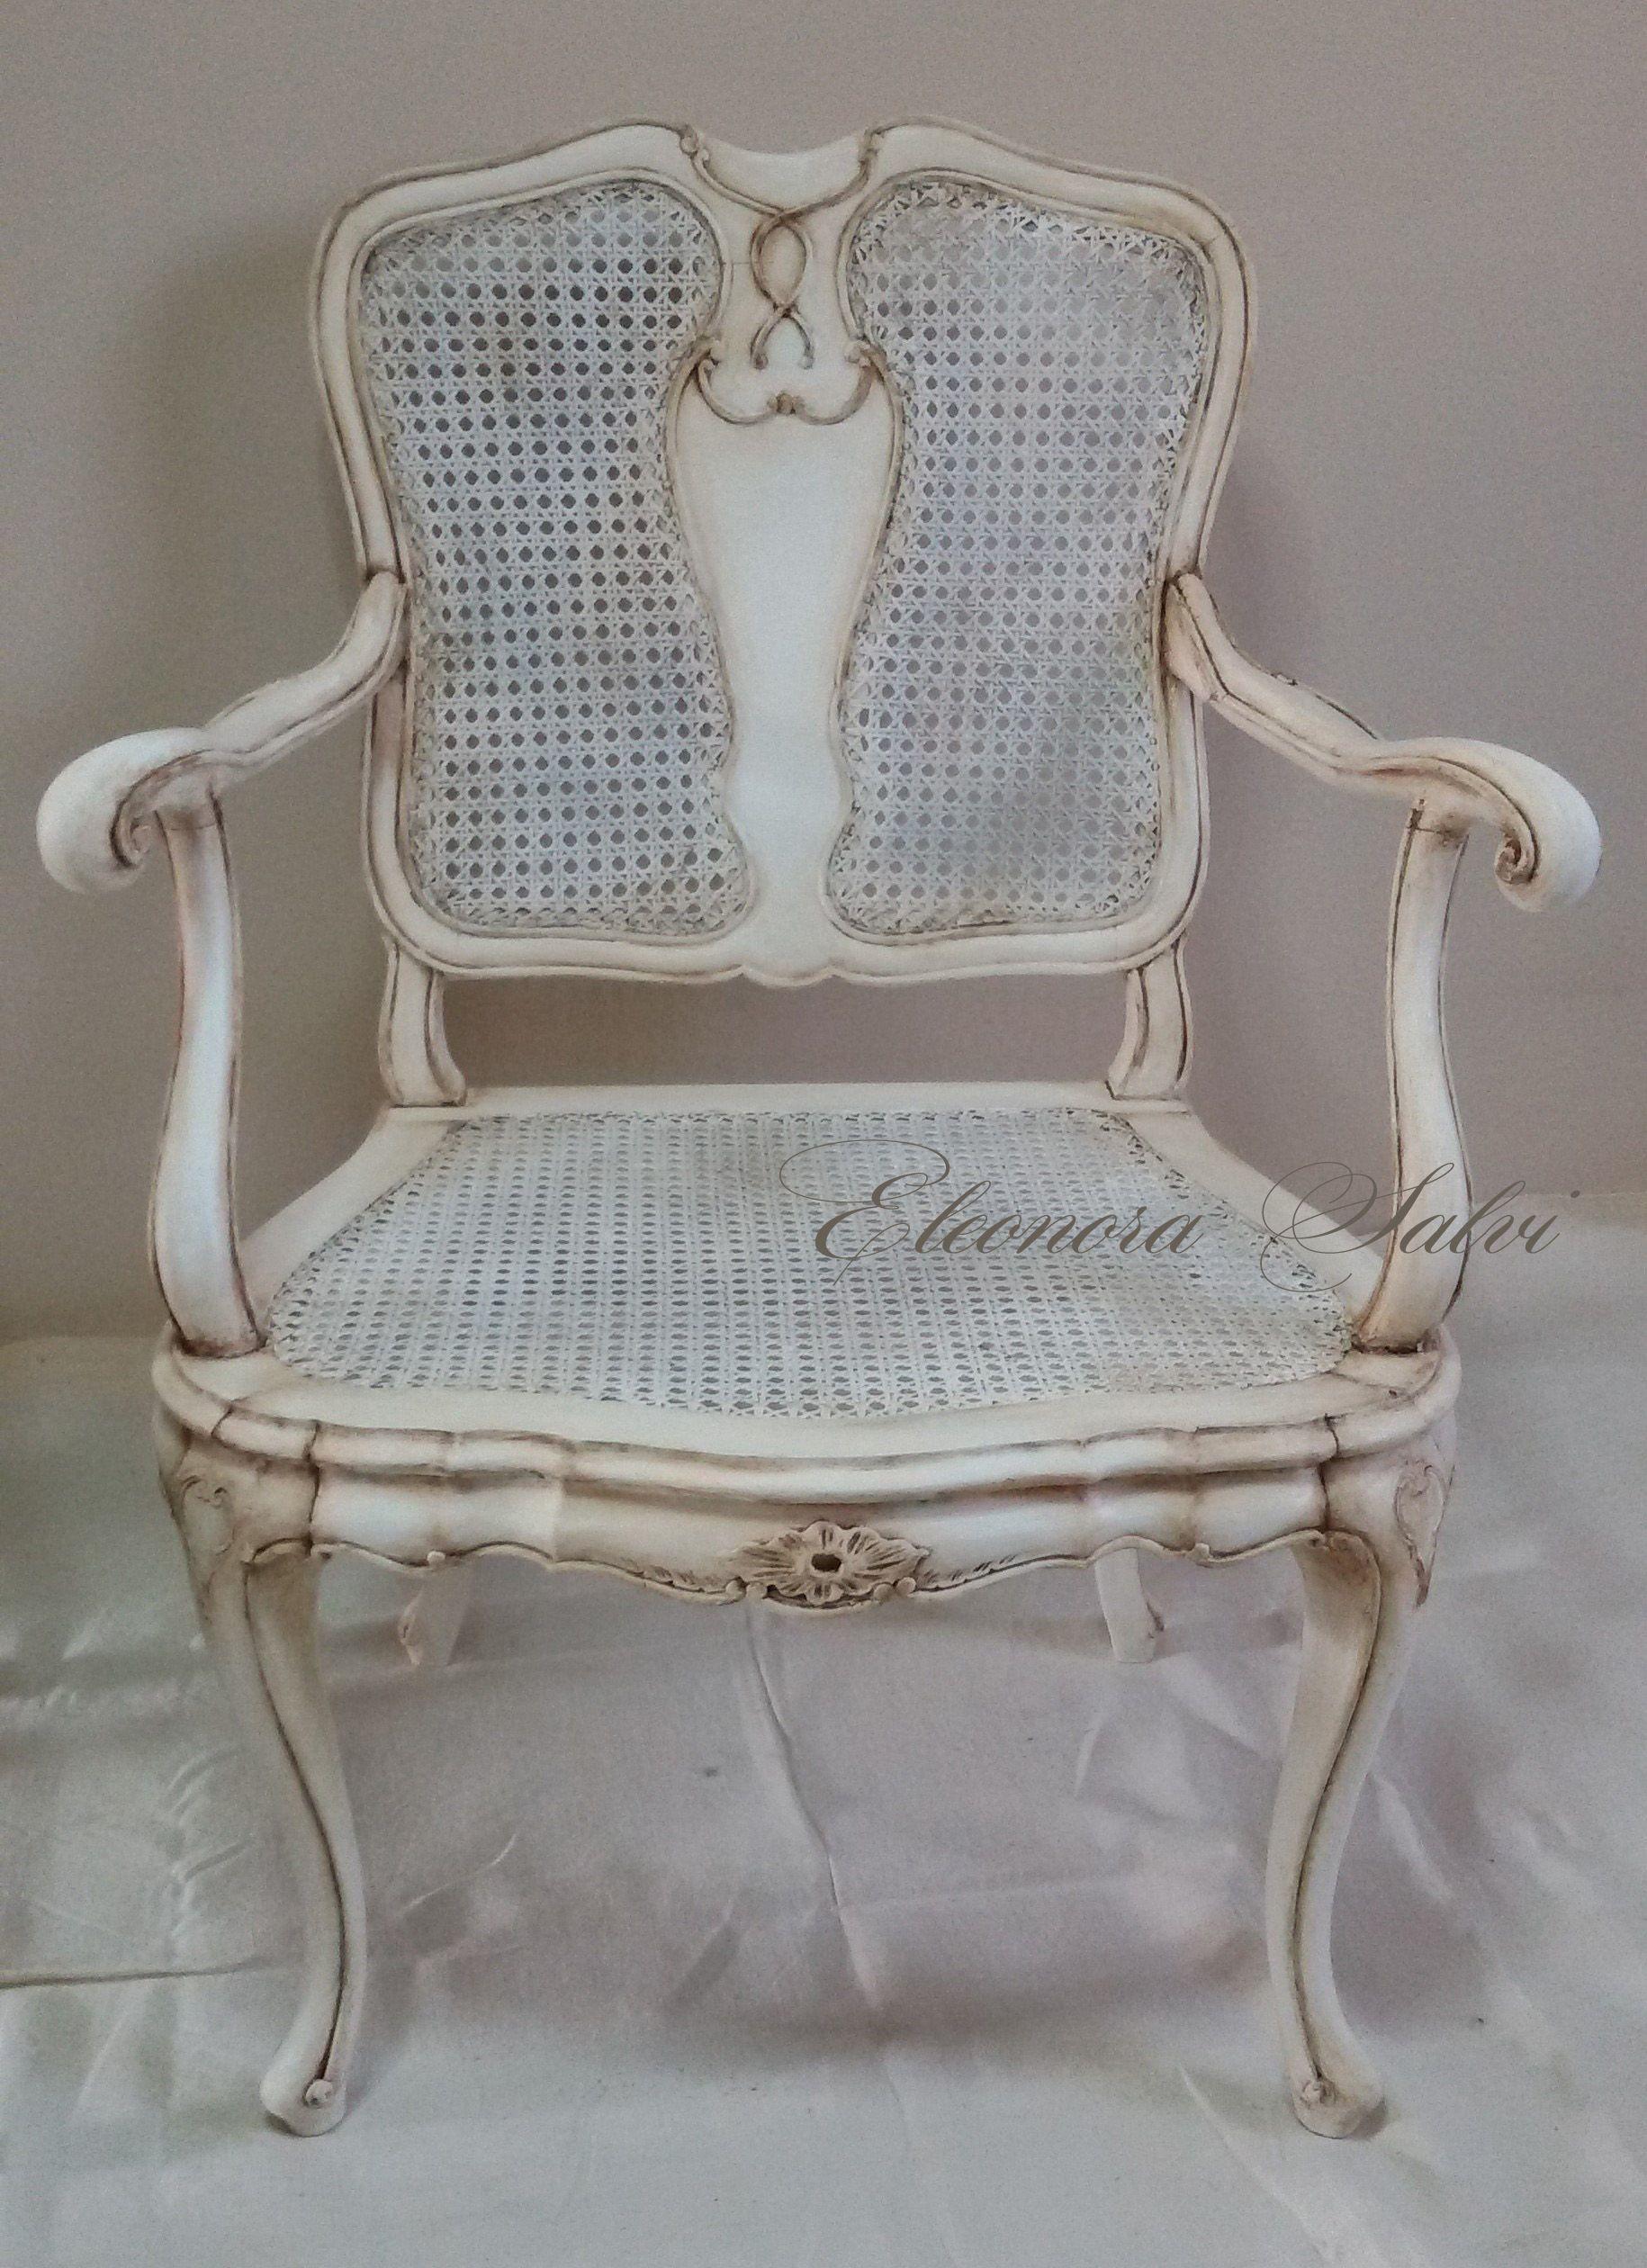 Poltroncina sedia primi 900 manifattura artigianale paglia di Vienna legno noce Stile shabby chic provenzale Tonalit bianco caldo con patina